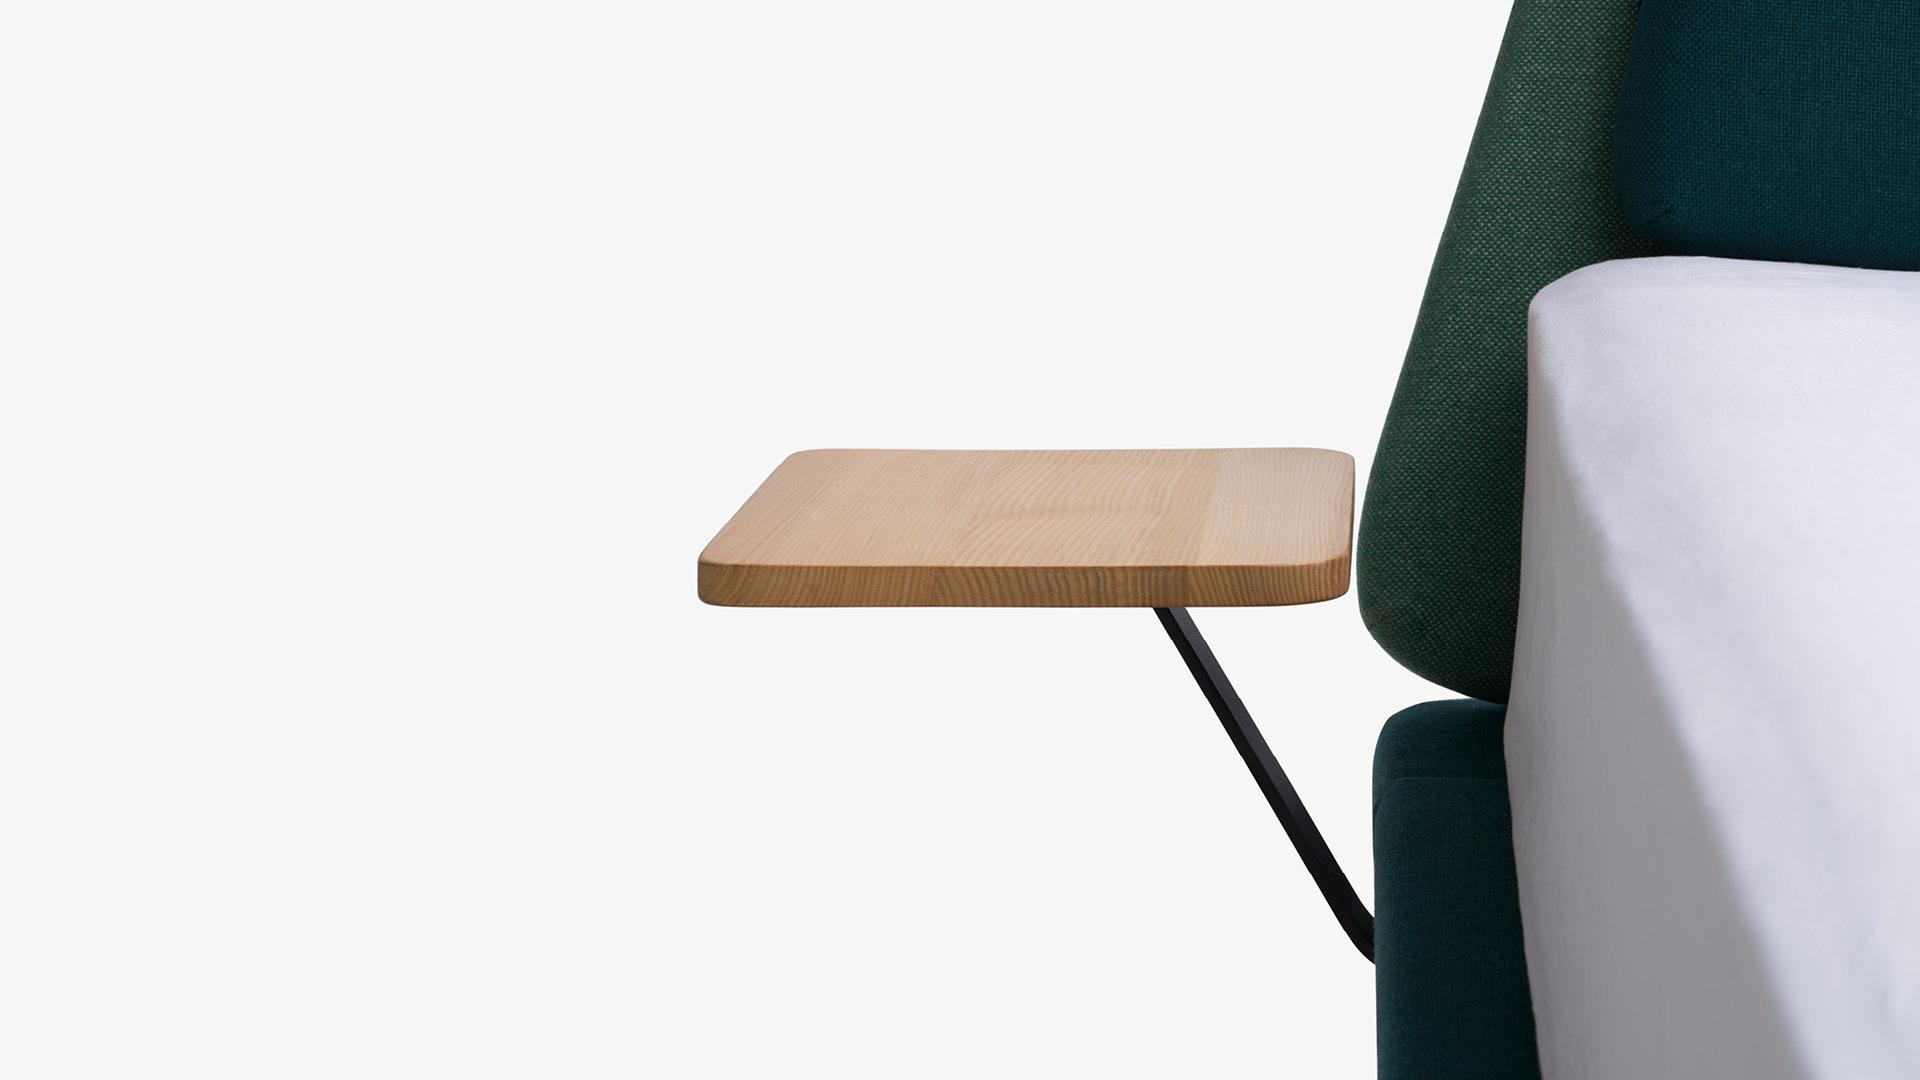 甲板灵感<br/>打造轻巧实木边桌